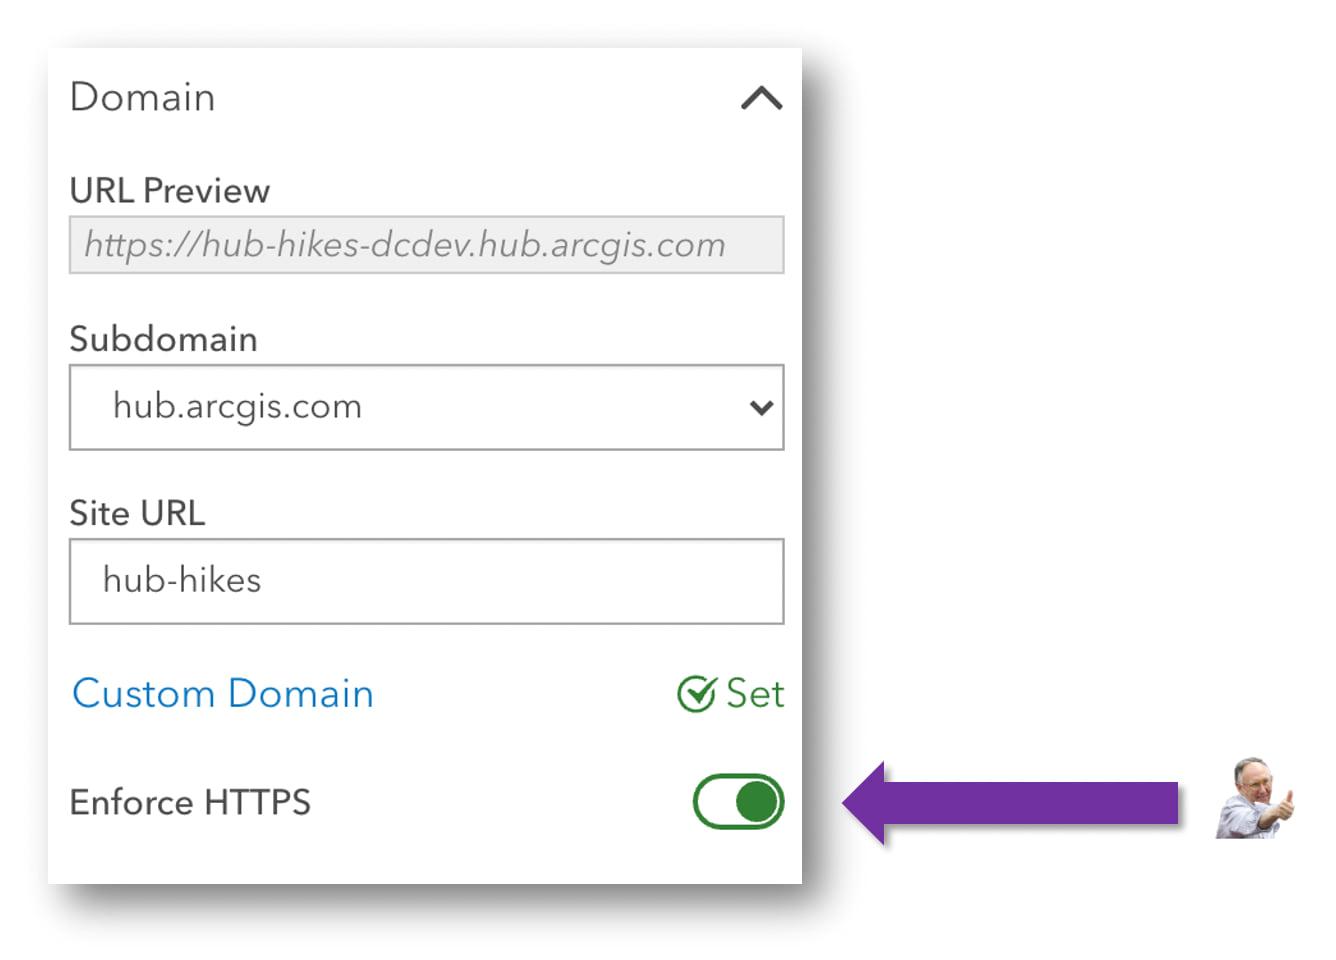 Image of Enforce HTTPS Setting in Site Settings in ArcGIS Hub